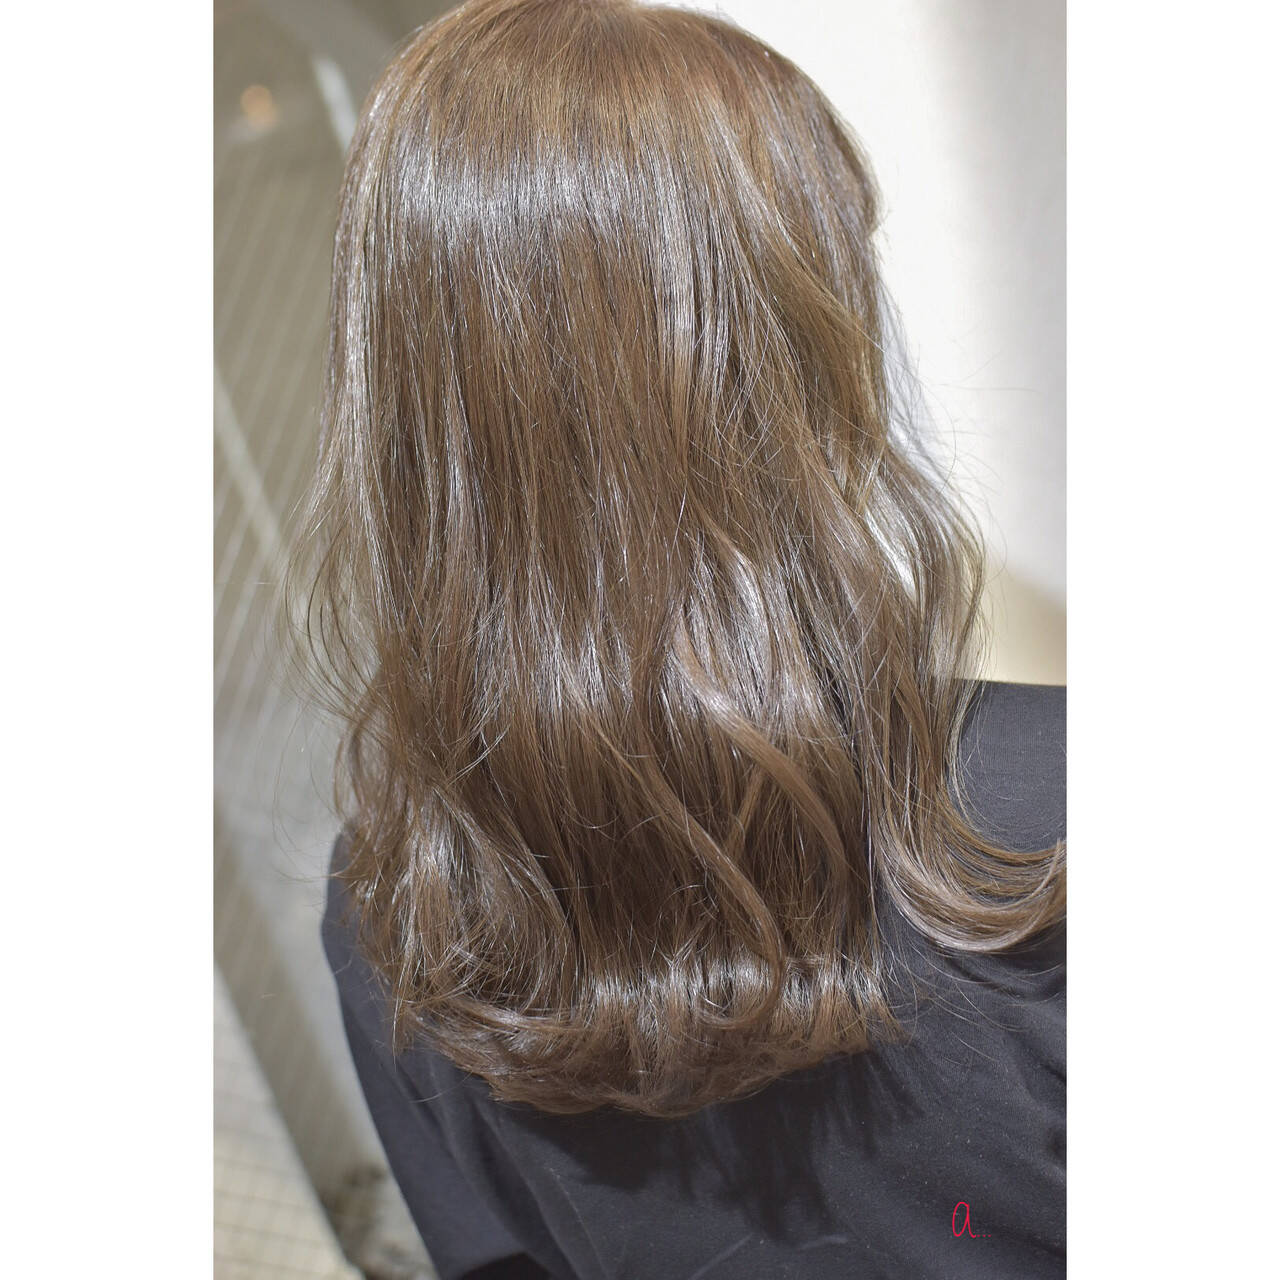 透明感カラー ブリーチなし ノーブリーチ ダブルカラーヘアスタイルや髪型の写真・画像